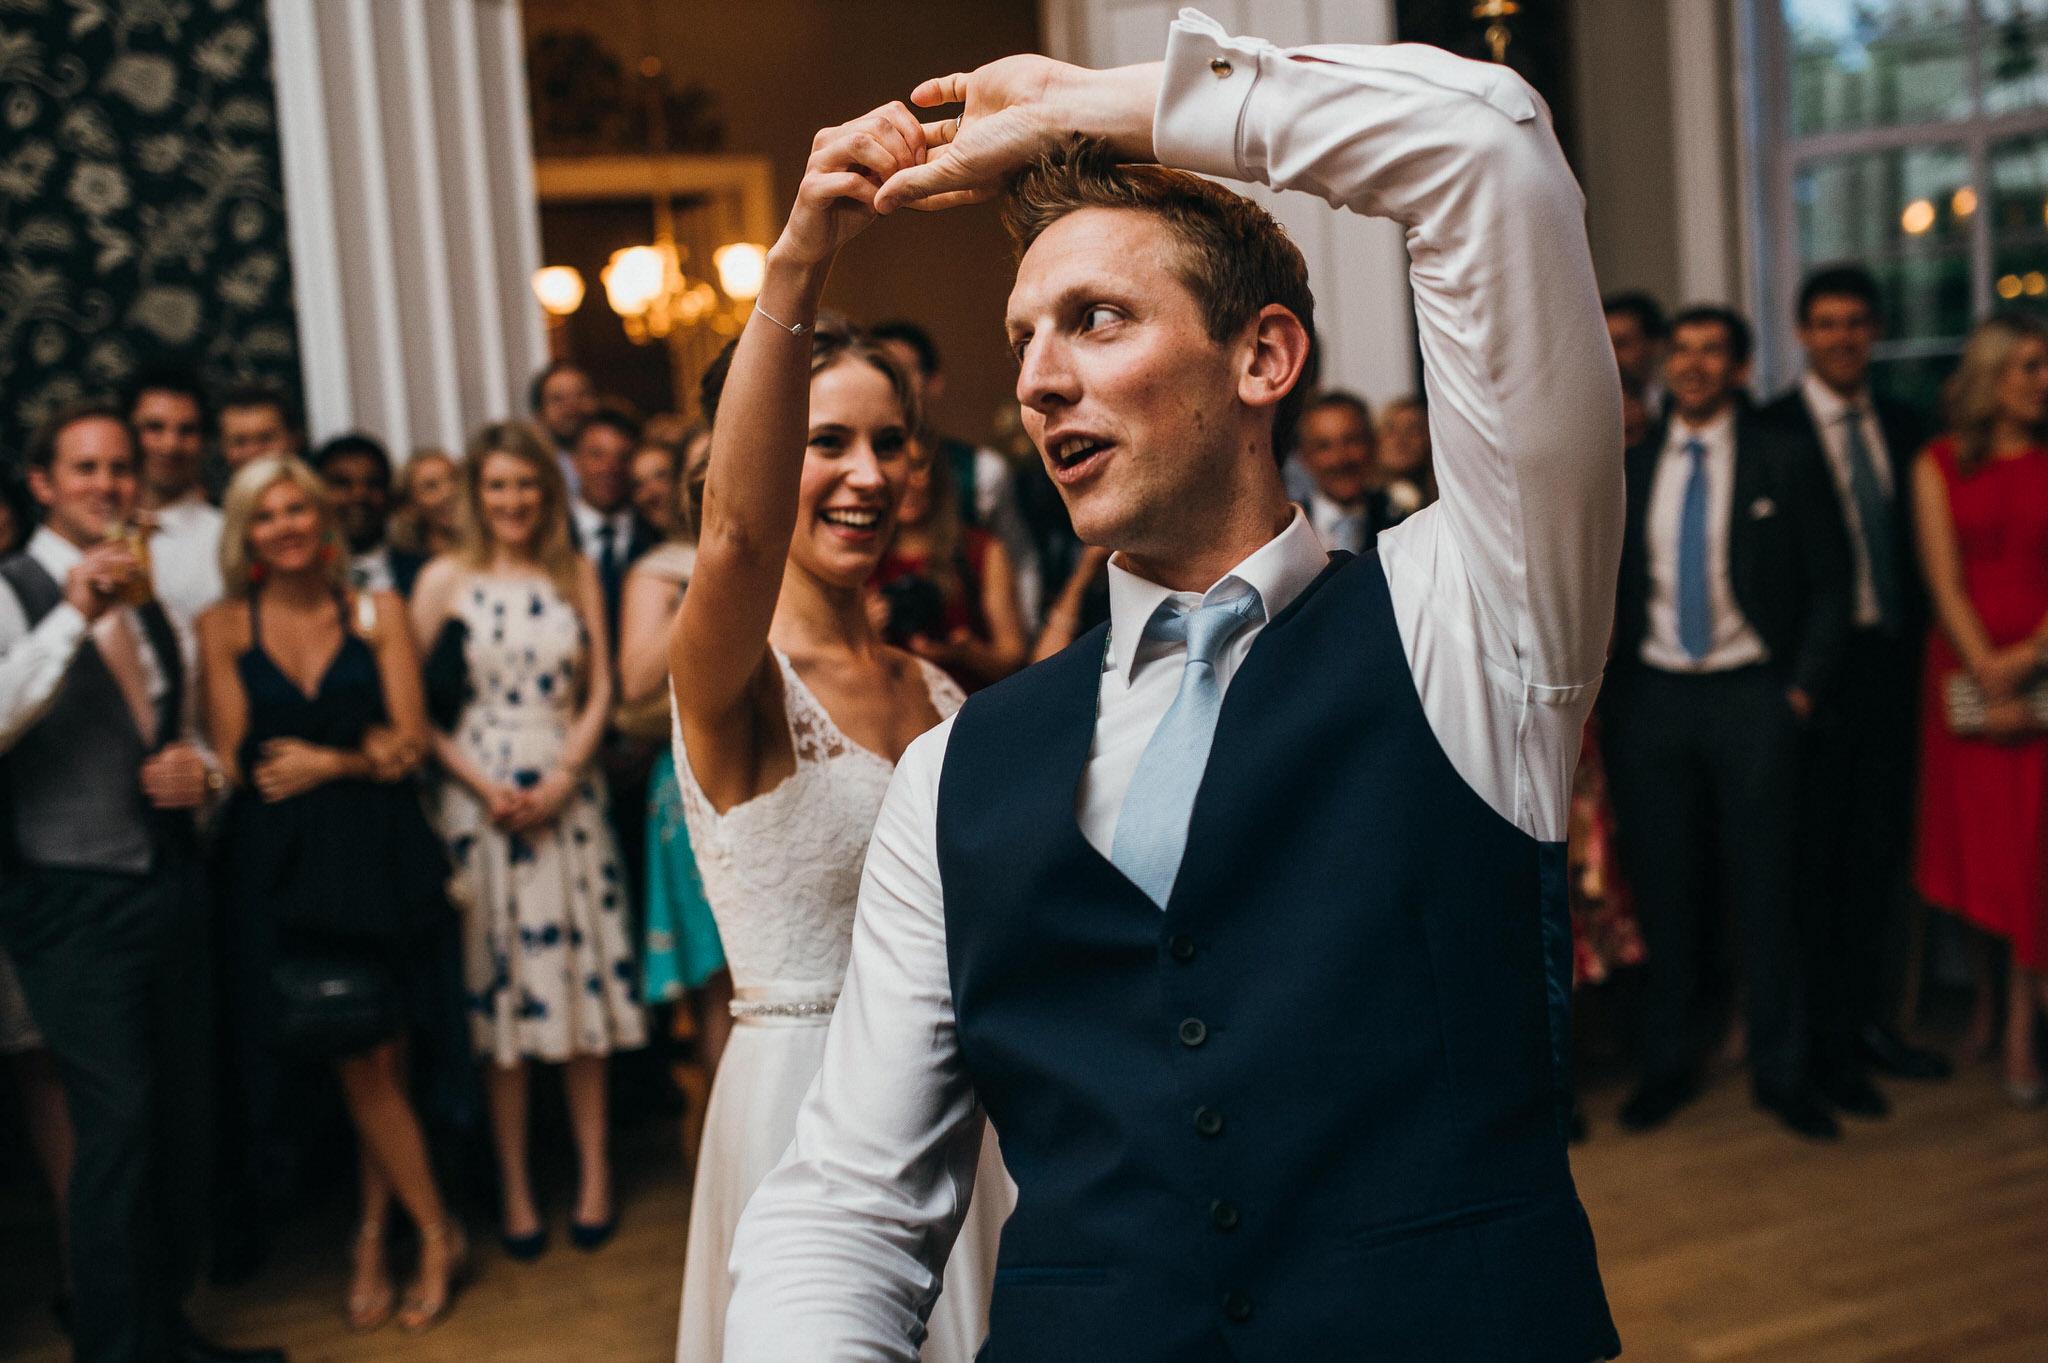 First dance Nonsuch Mansion wedding